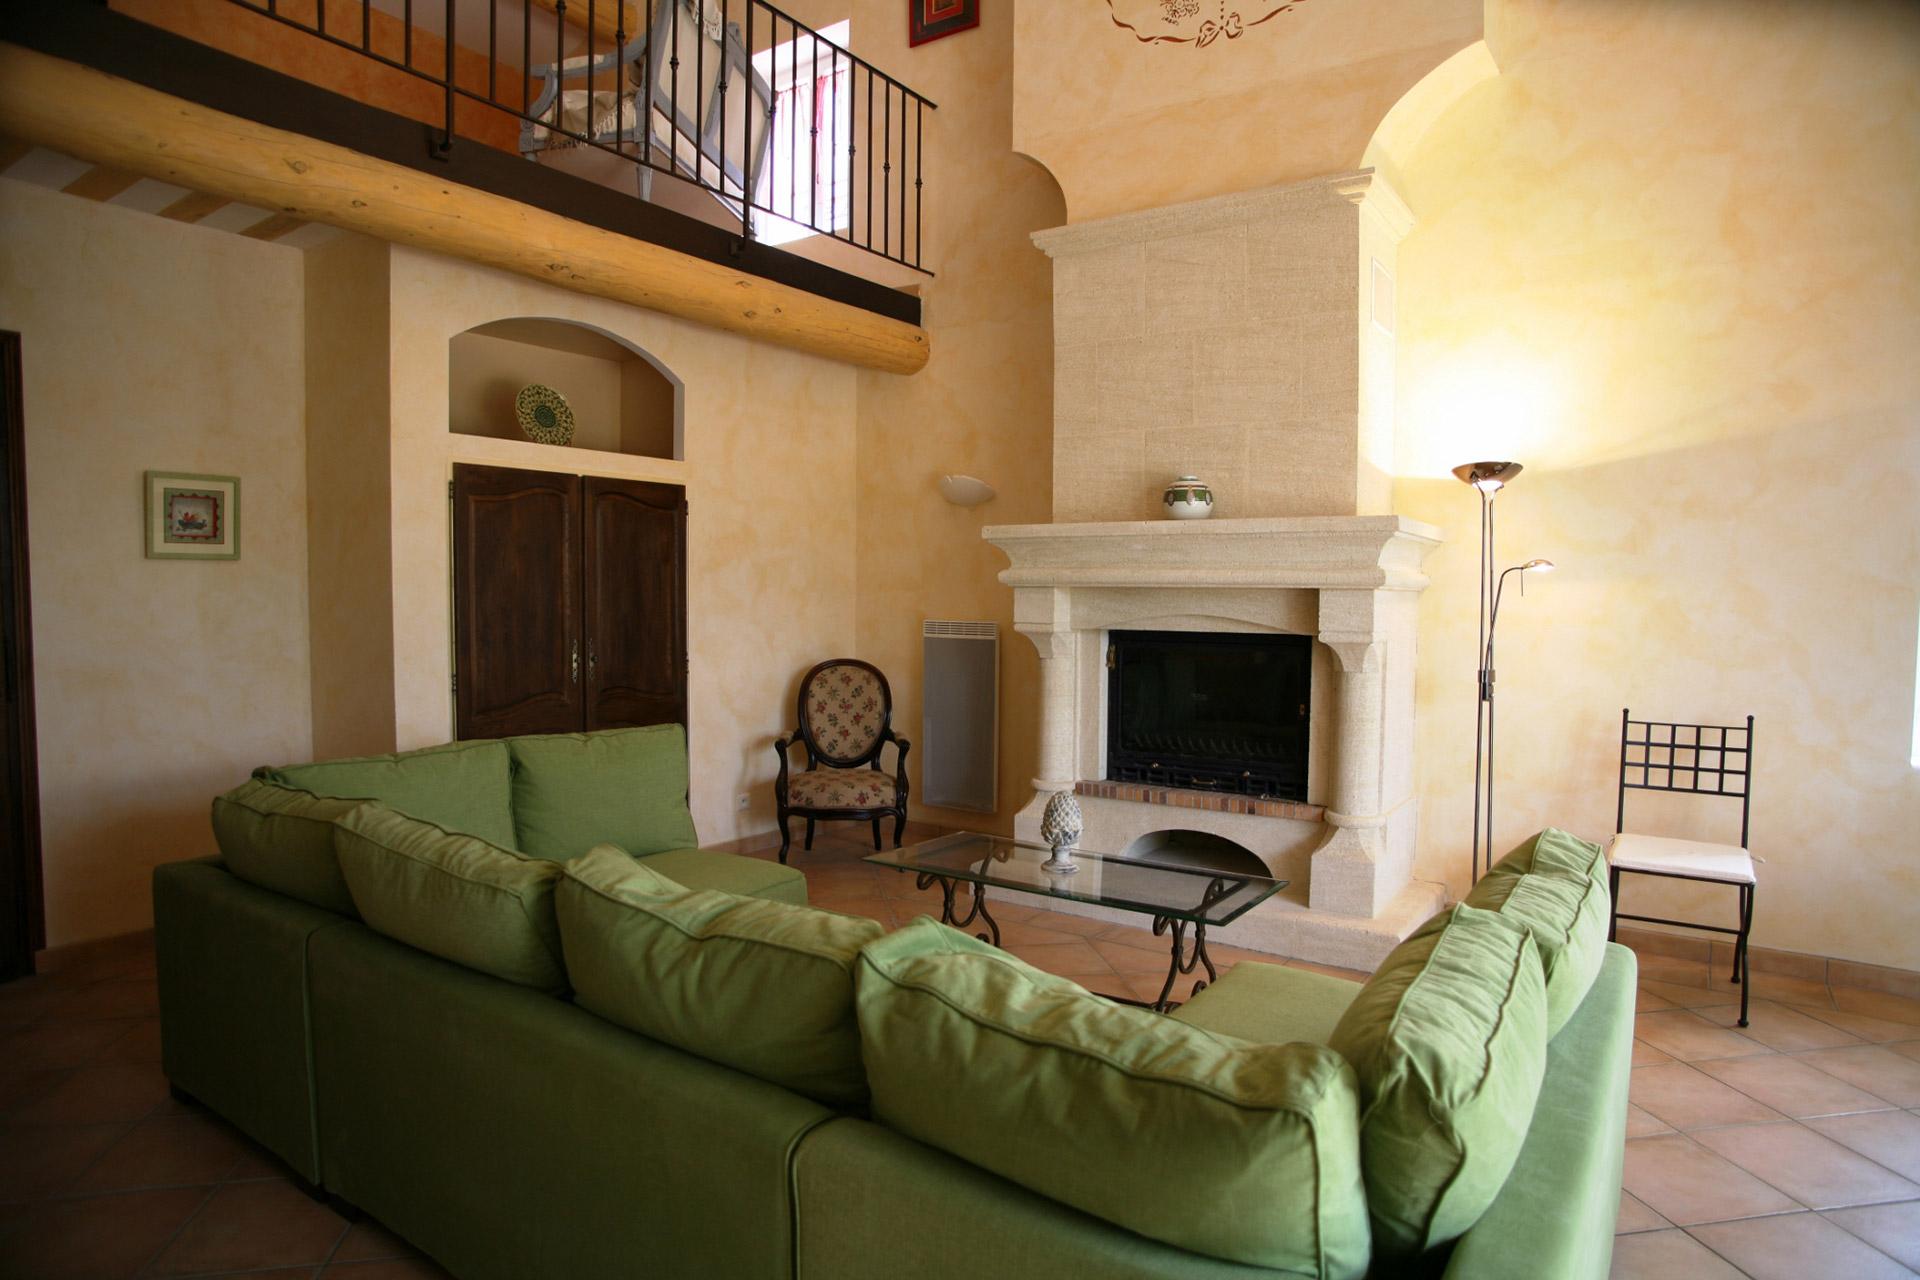 Au cœur du Luberon, grand mas avec plusieurs appartements Tà vendre